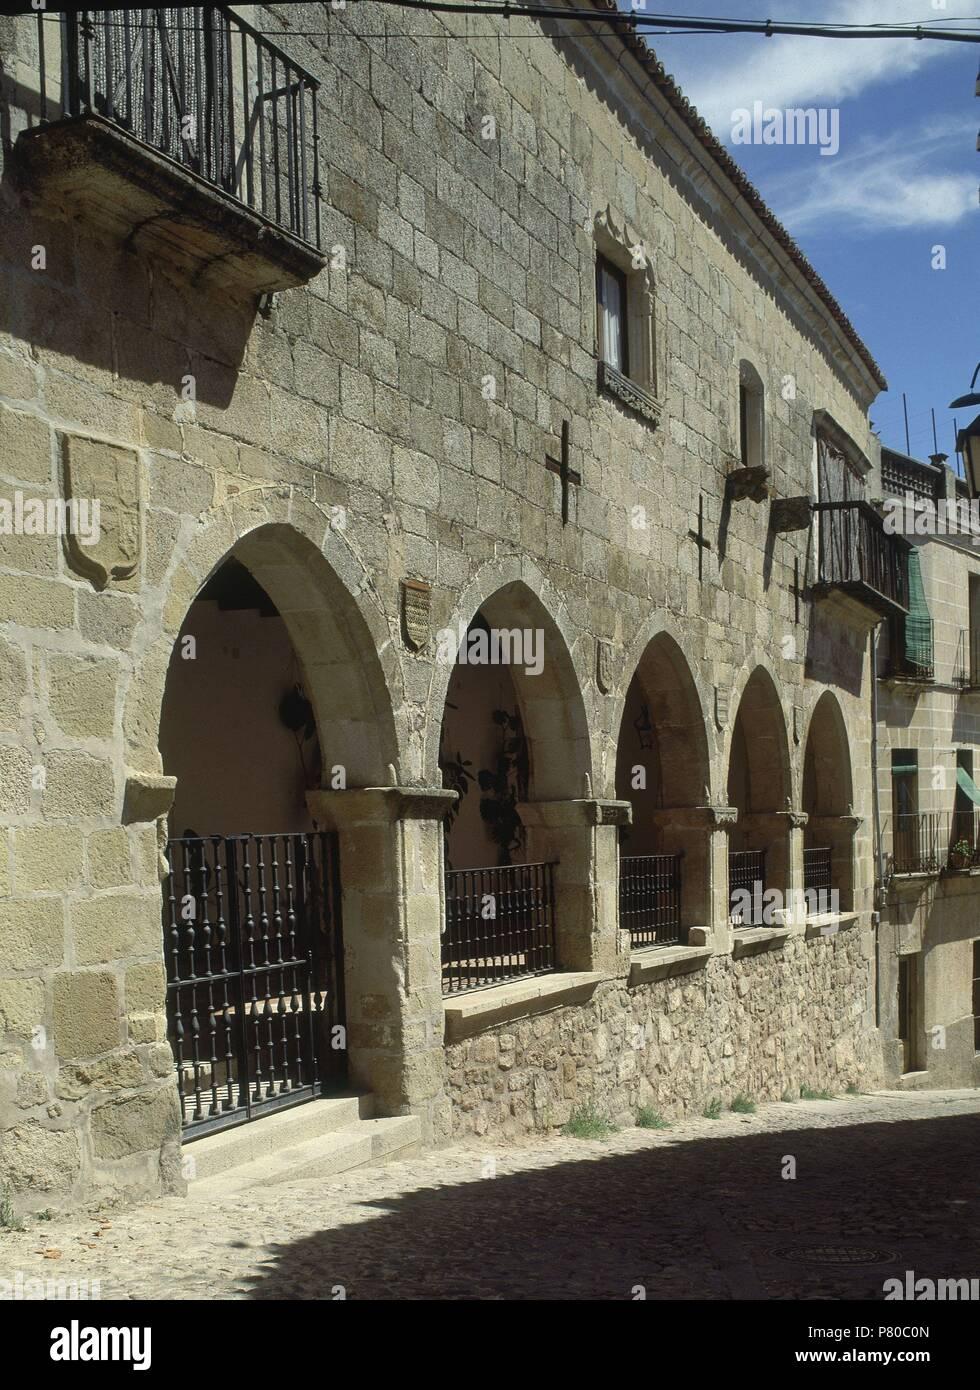 Casa Con Arcos De La Fachada Ort Außen Trujillo Cáceres Spanien